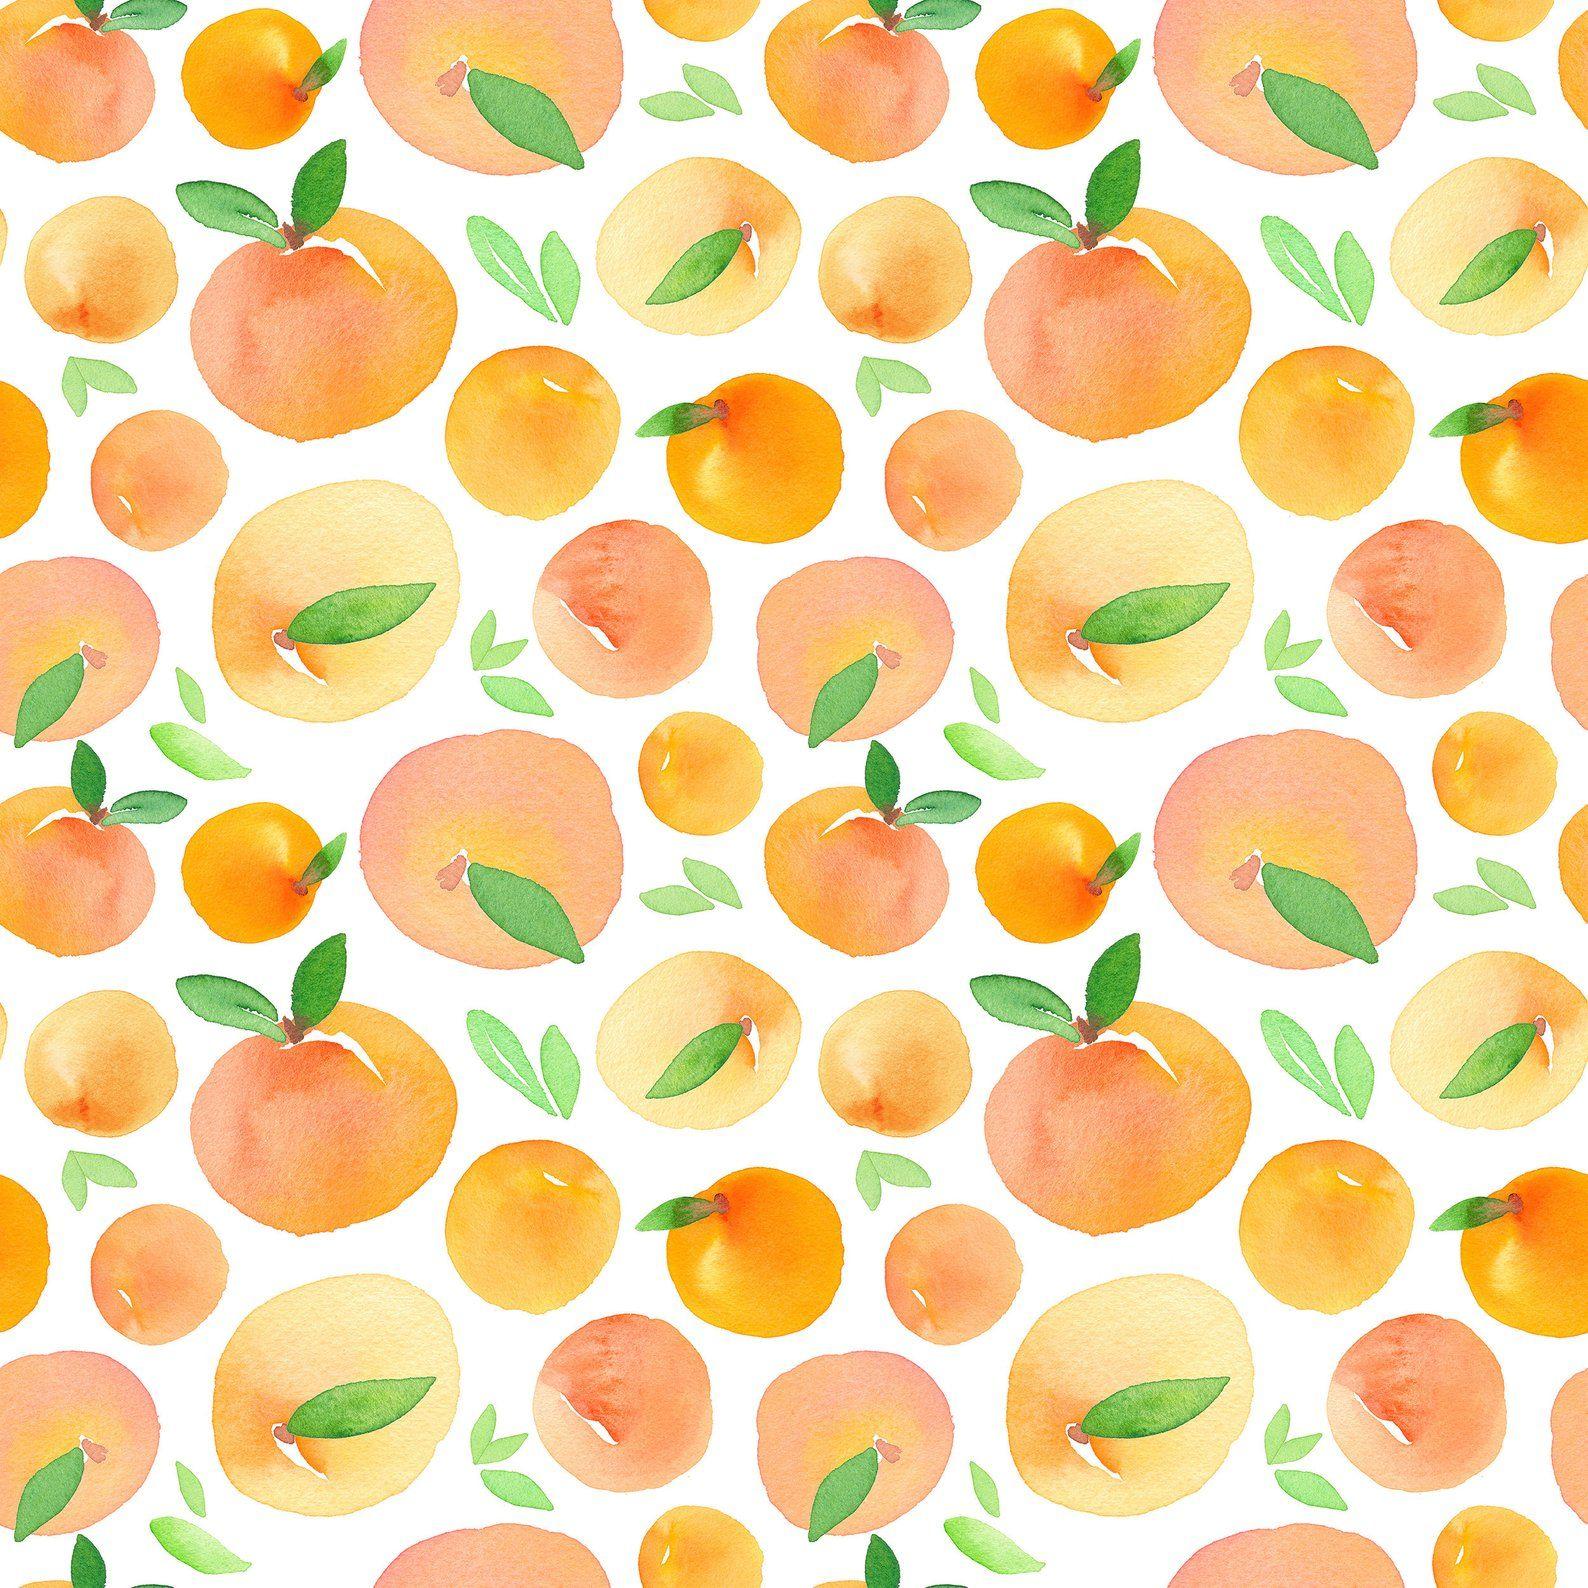 Orange Wallpaper Fresh Watercolor Wall paper Self Adhesive